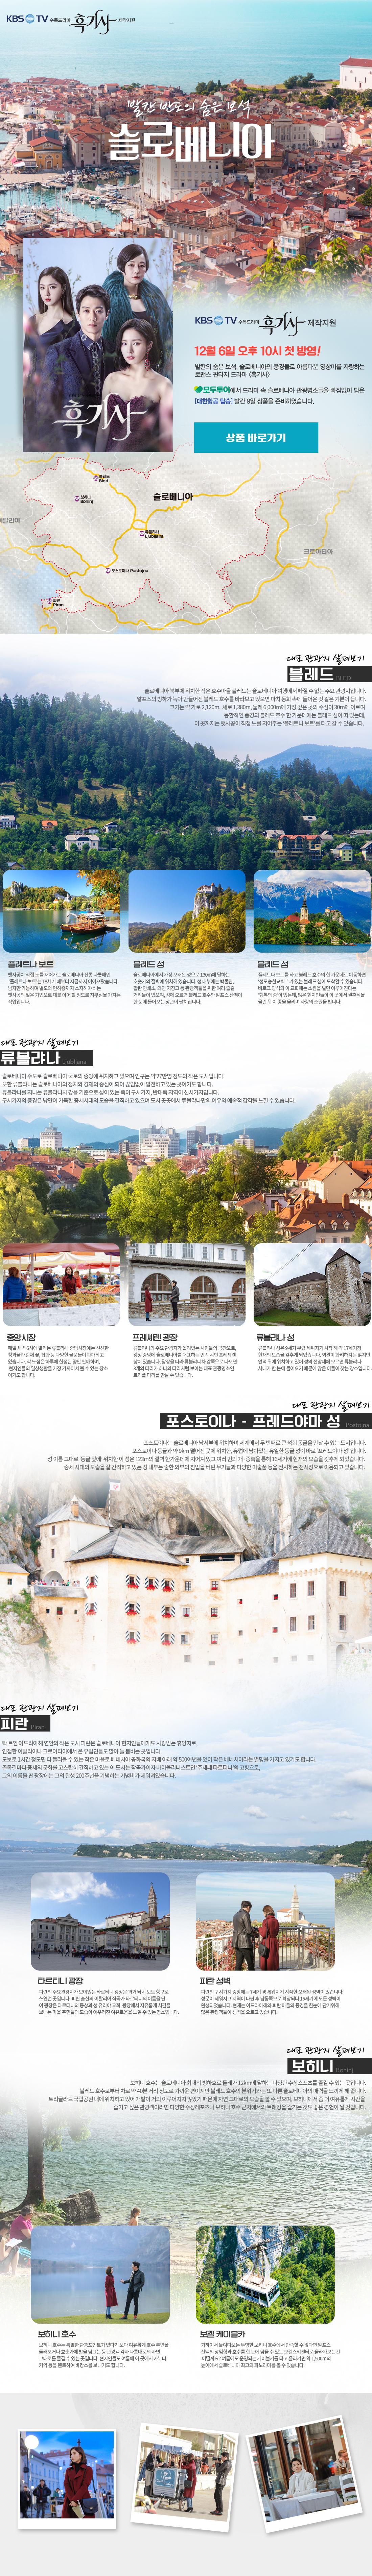 발칸 반도의 숨은 보석 슬로베니아